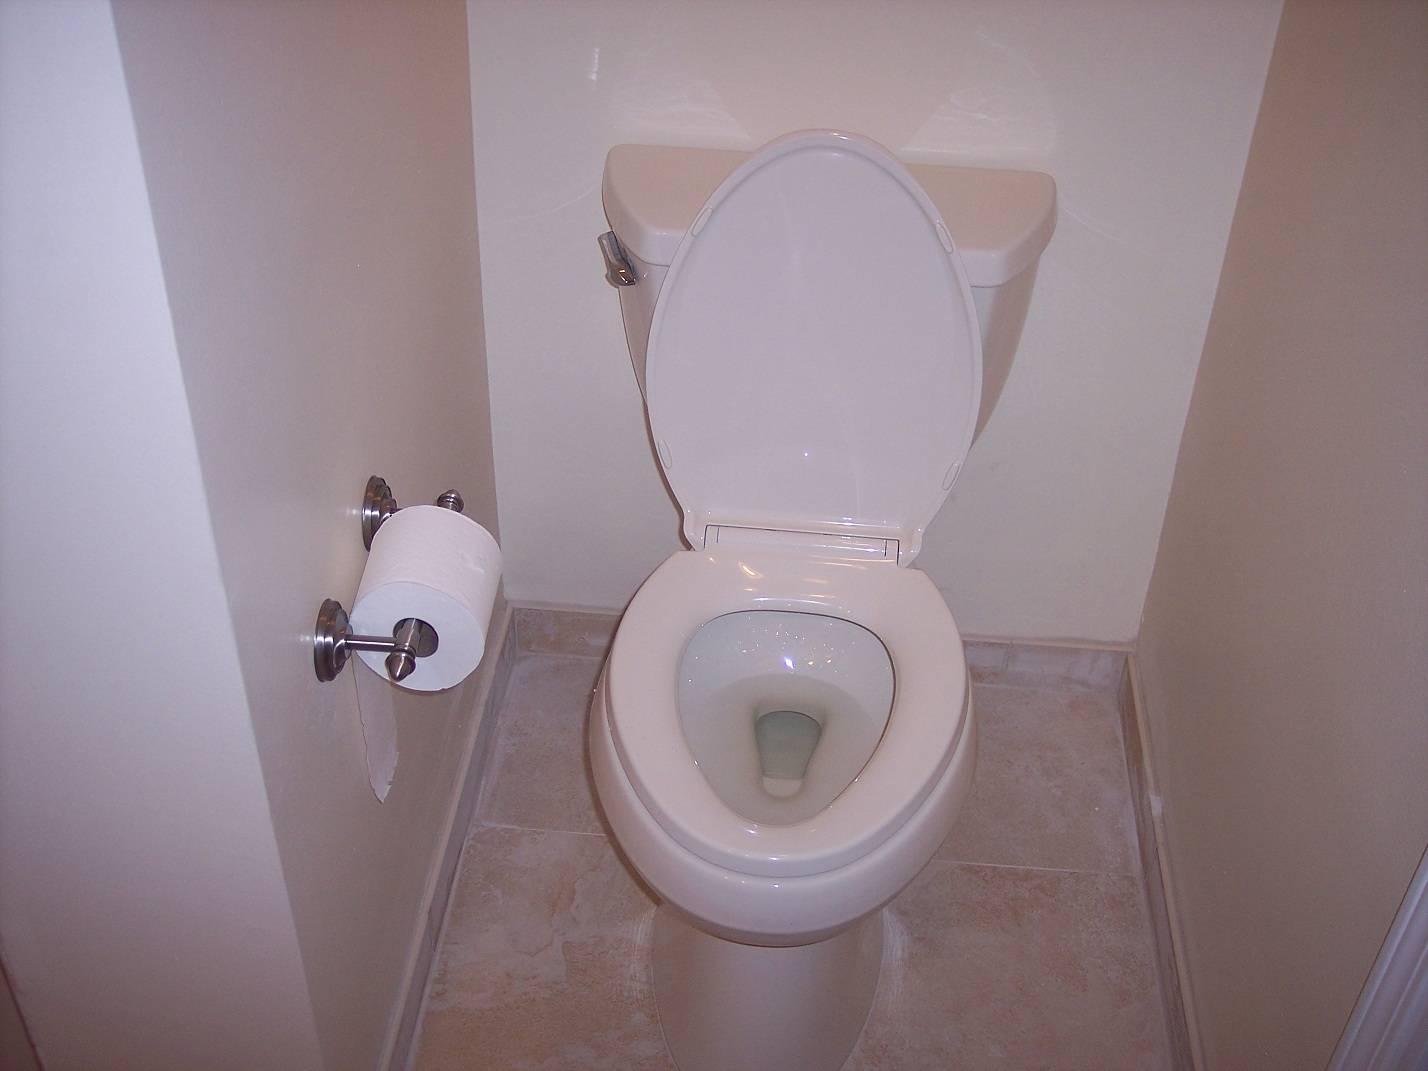 New Toilet.